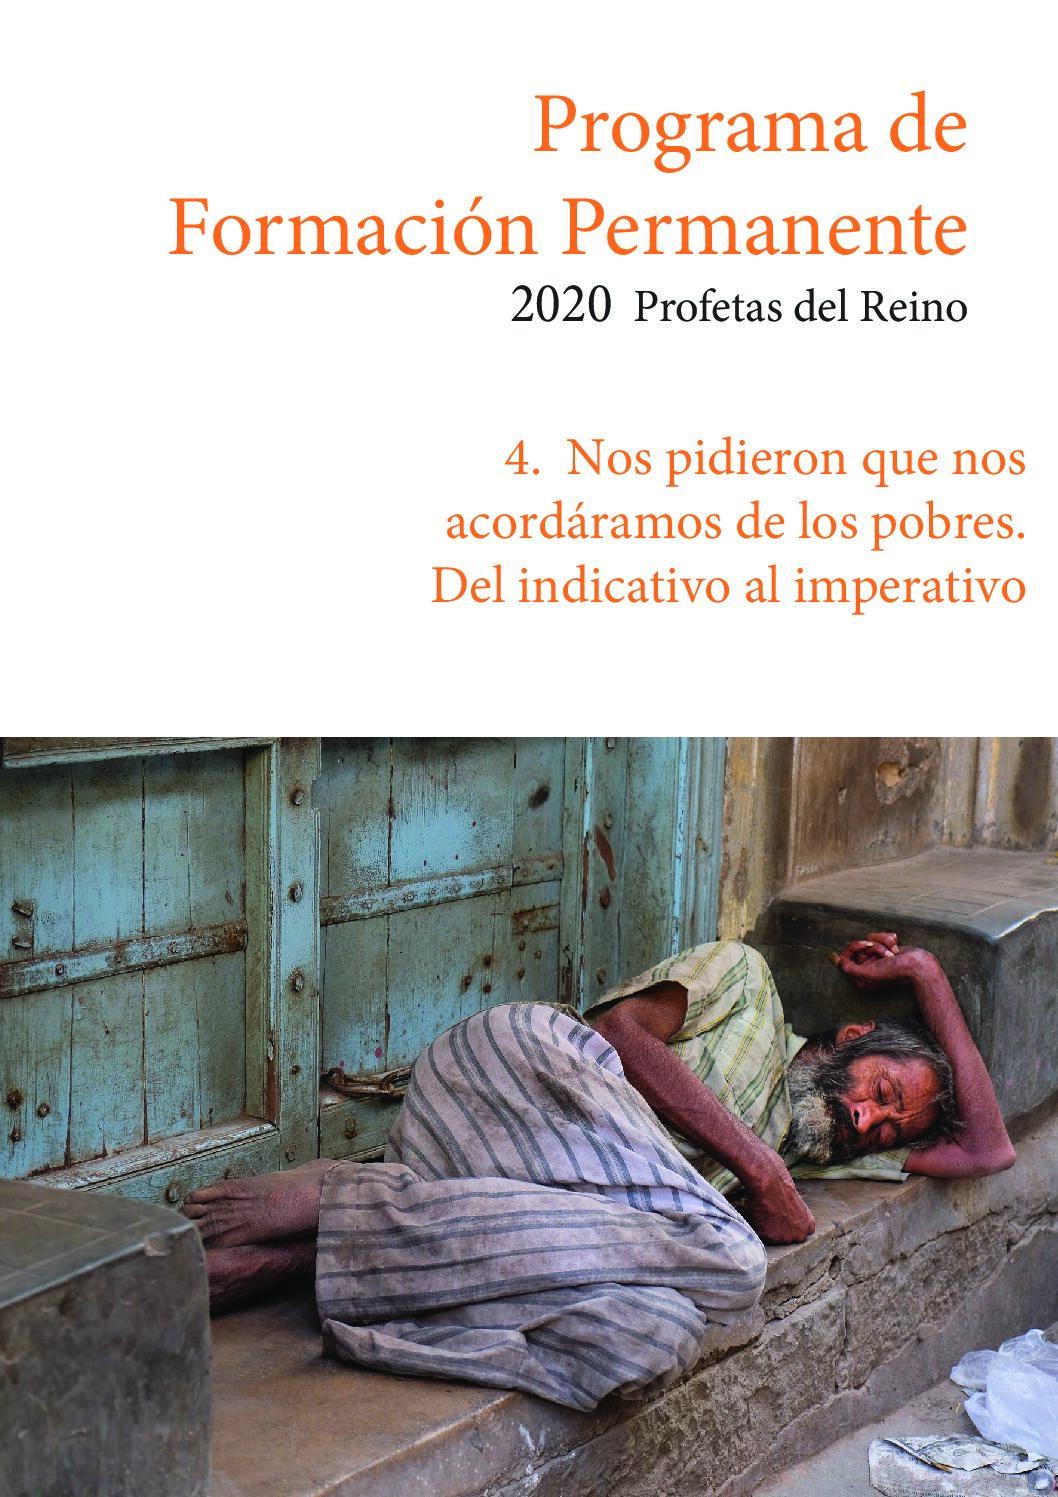 4.-Acordarnos-de-los-pobres-2-pdf1.jpg